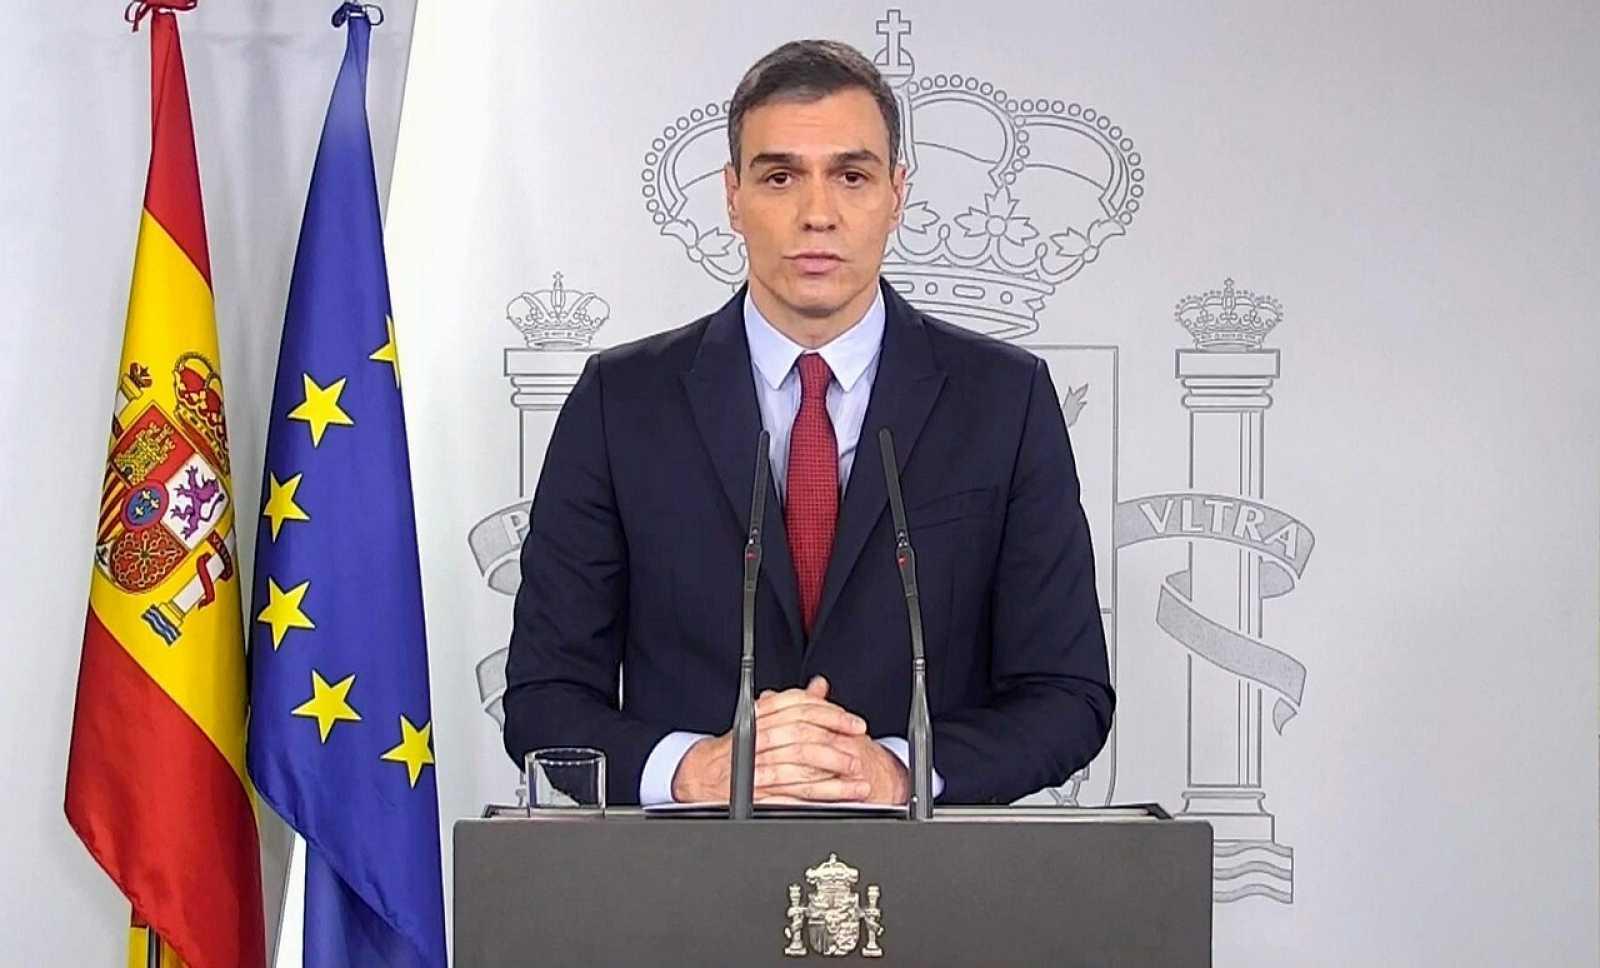 España alarga 15 días estado de alarma por pandemia de Covid-19